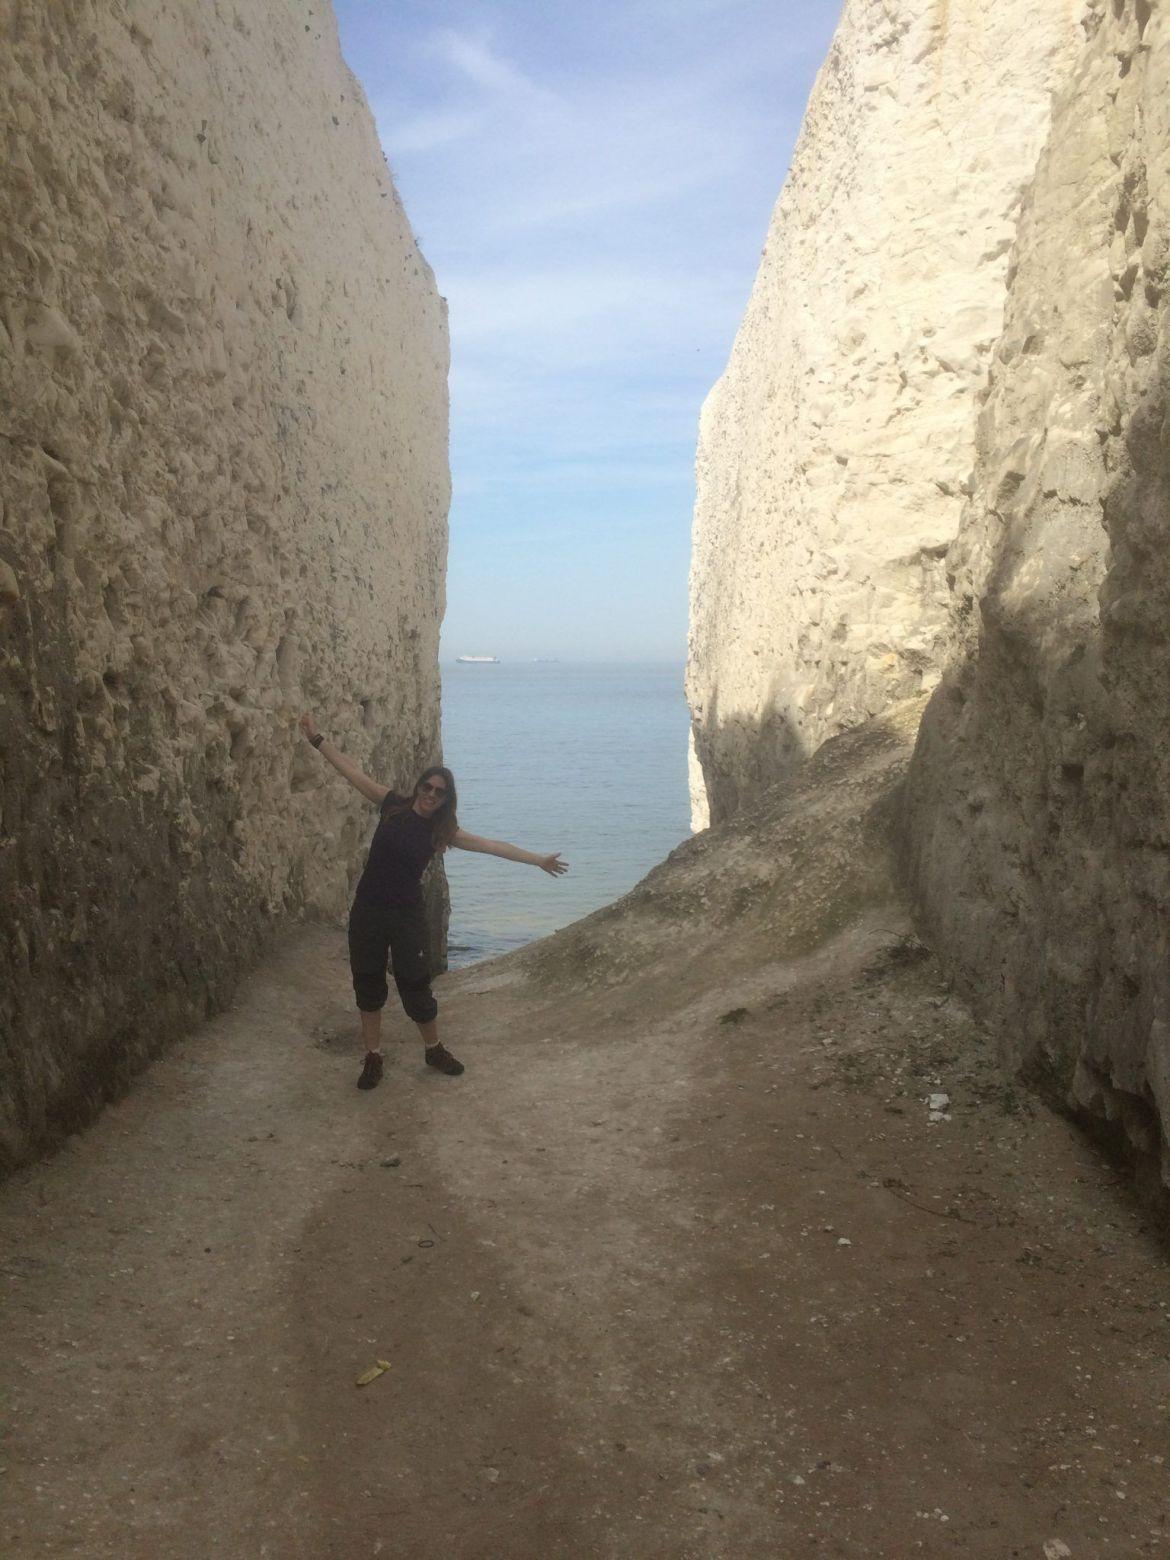 Ruta Ramsgate a Margate:Acantilados blancos del sur de Inglaterra